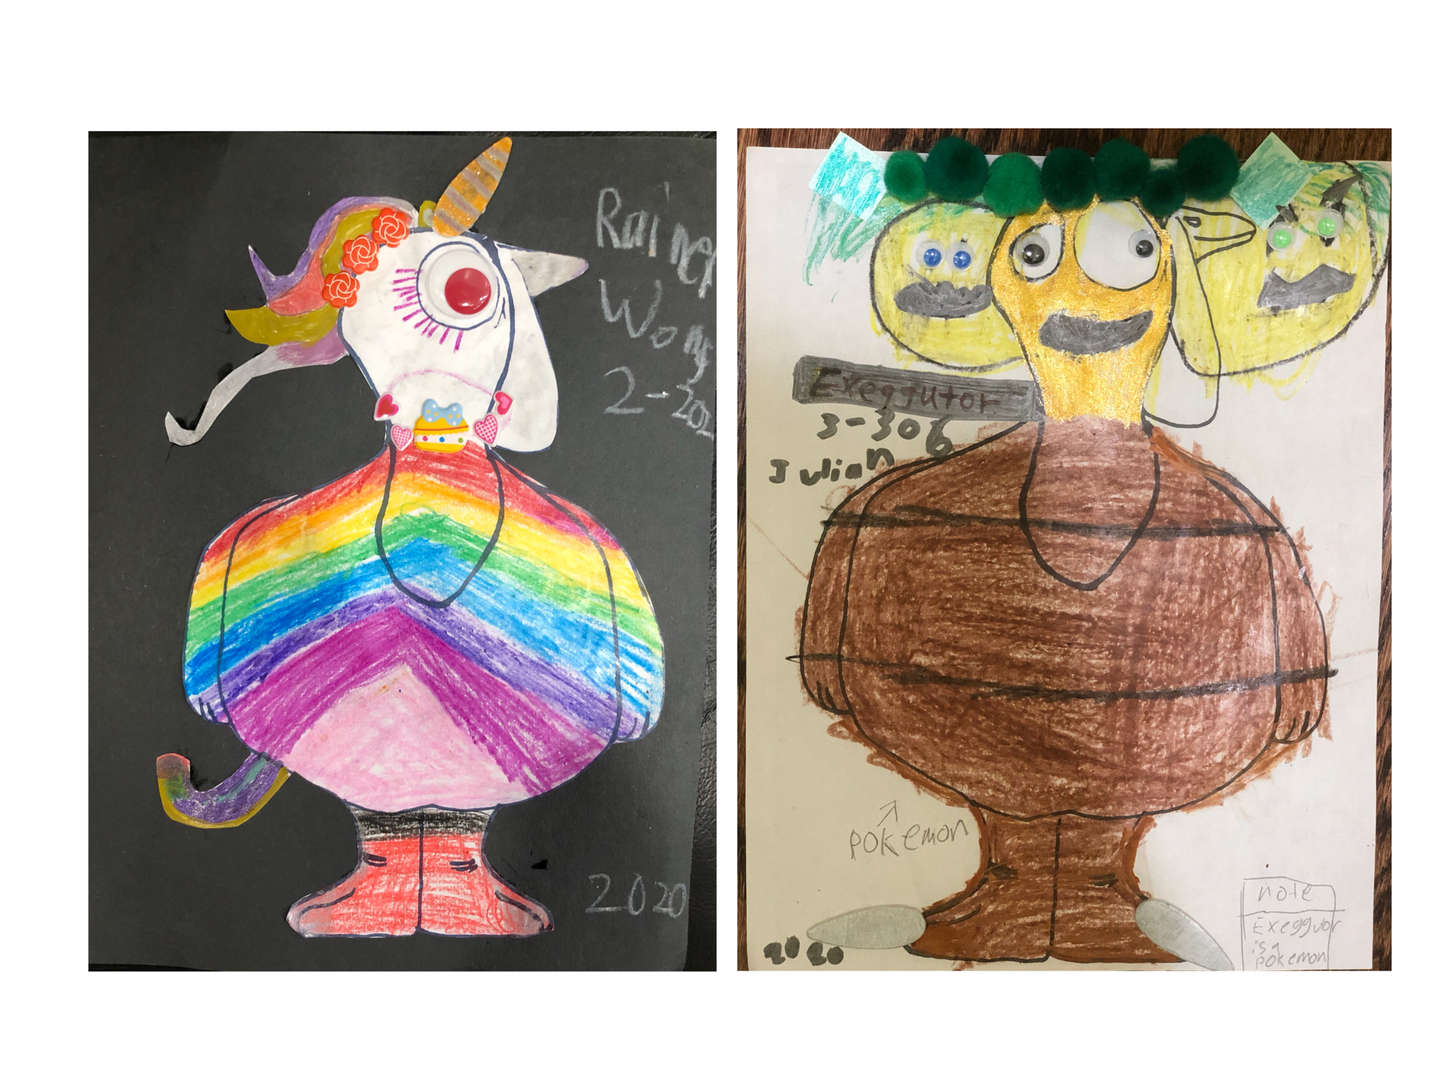 Rainbow and 3-headed turkey